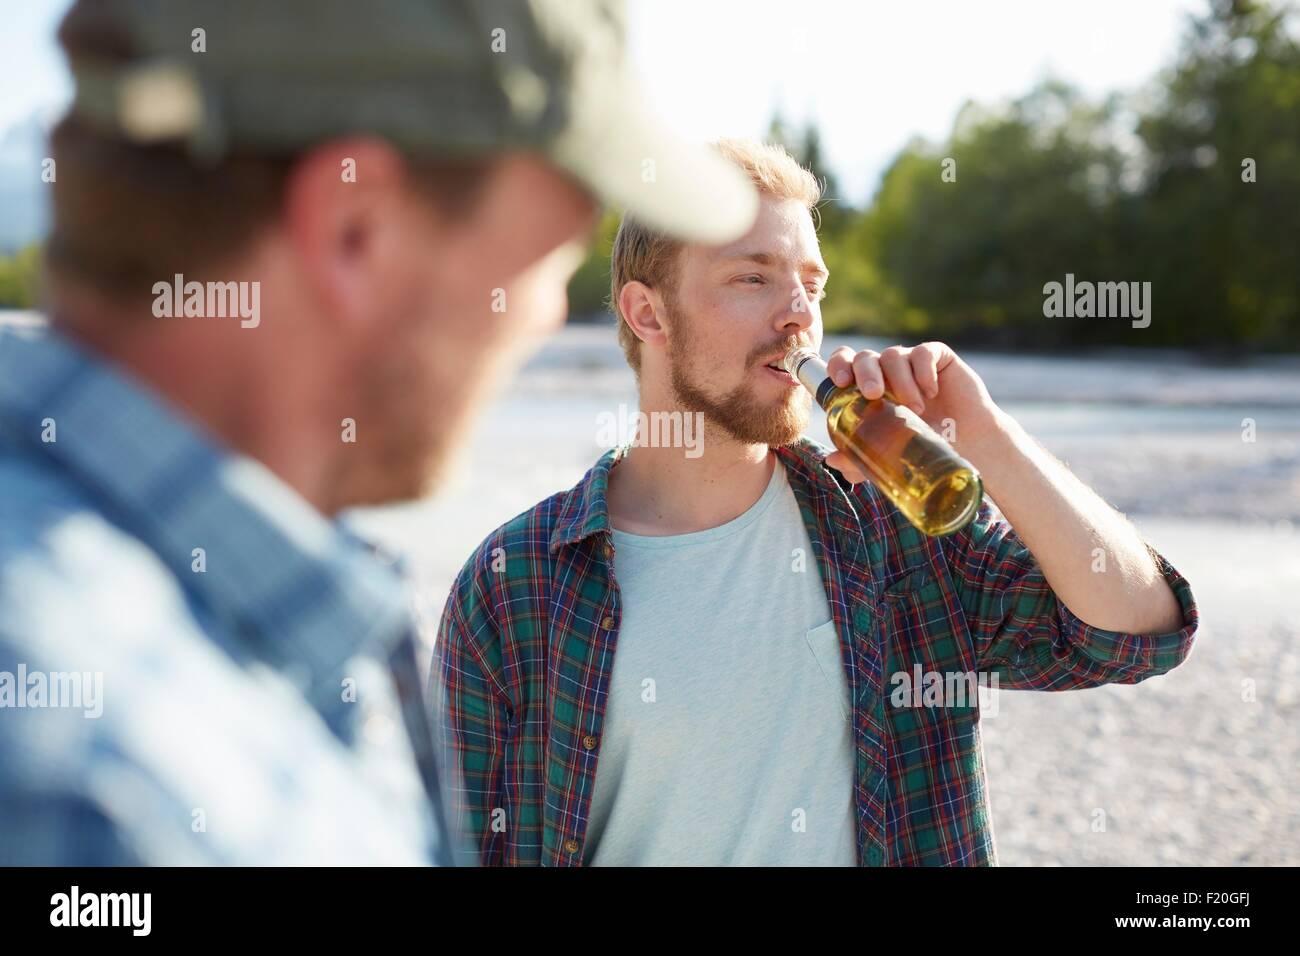 Joven tomando un trago de la botella de cerveza, mirando lejos Imagen De Stock